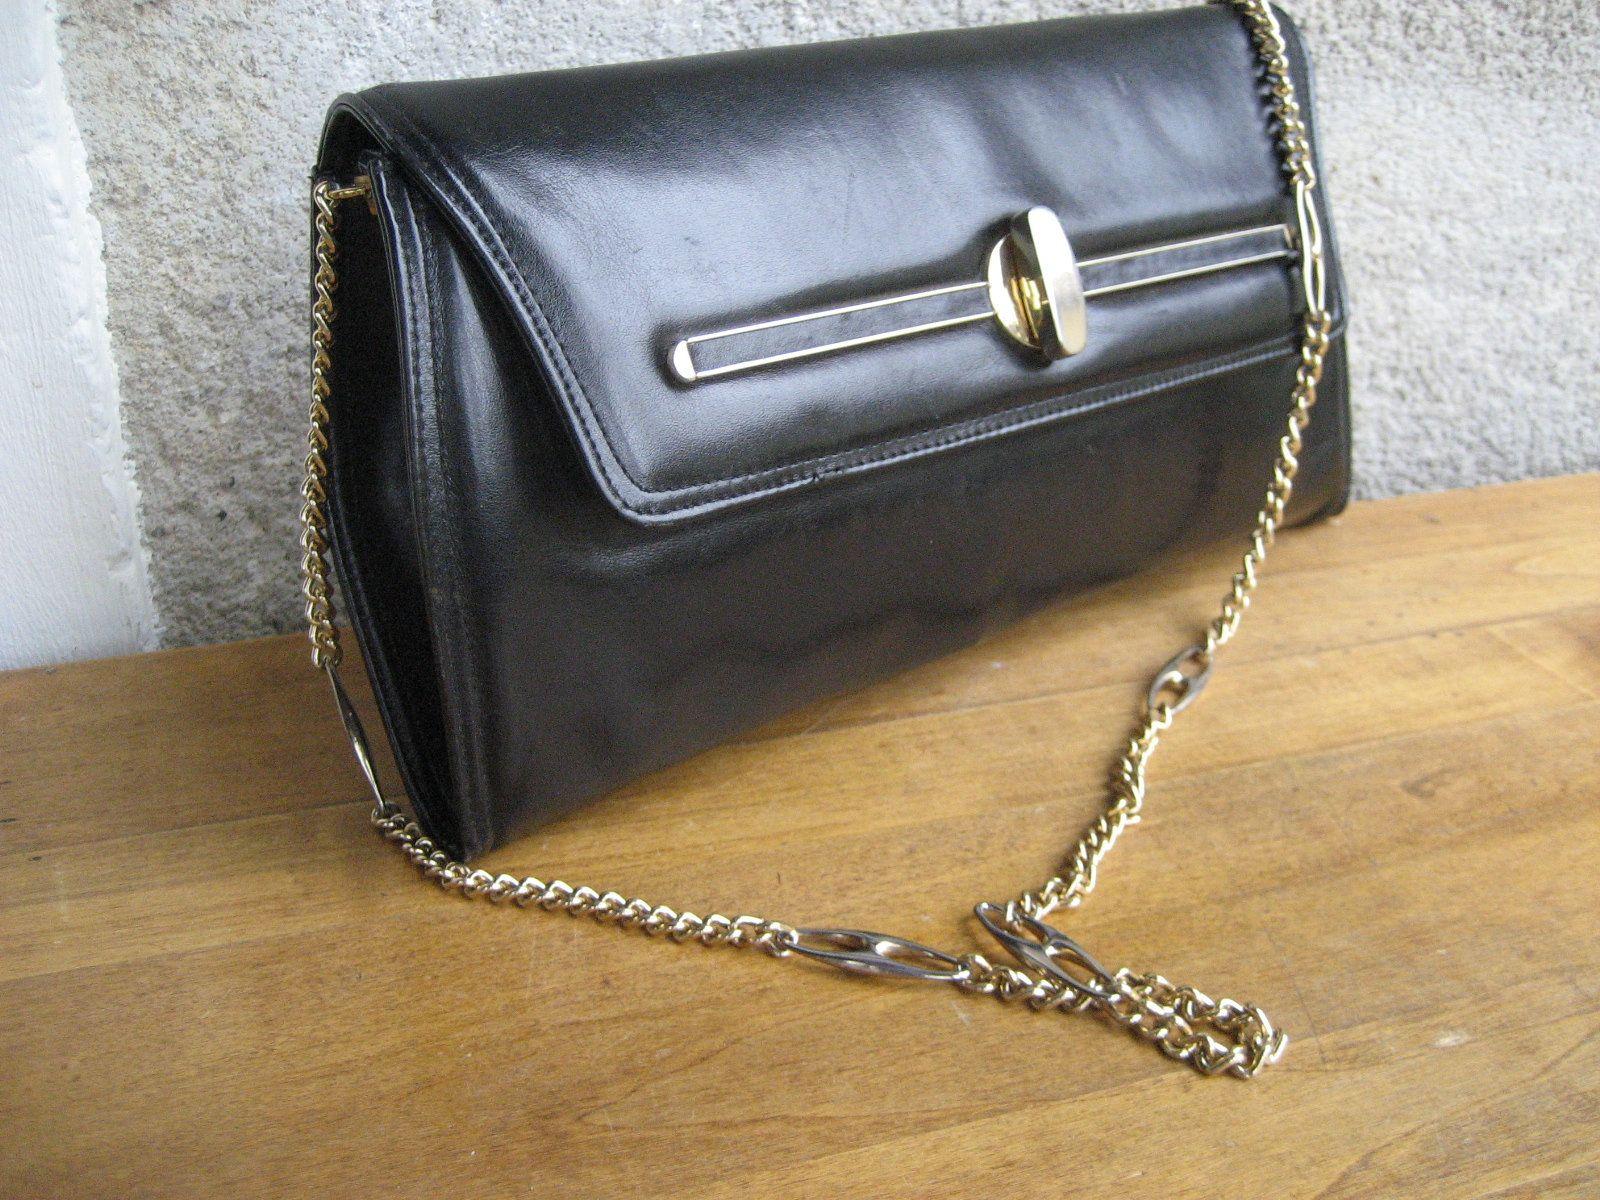 Charles Jourdan Vintage Shoulder Bag Parallele Charles Jourdan Bags Shoulder Bag